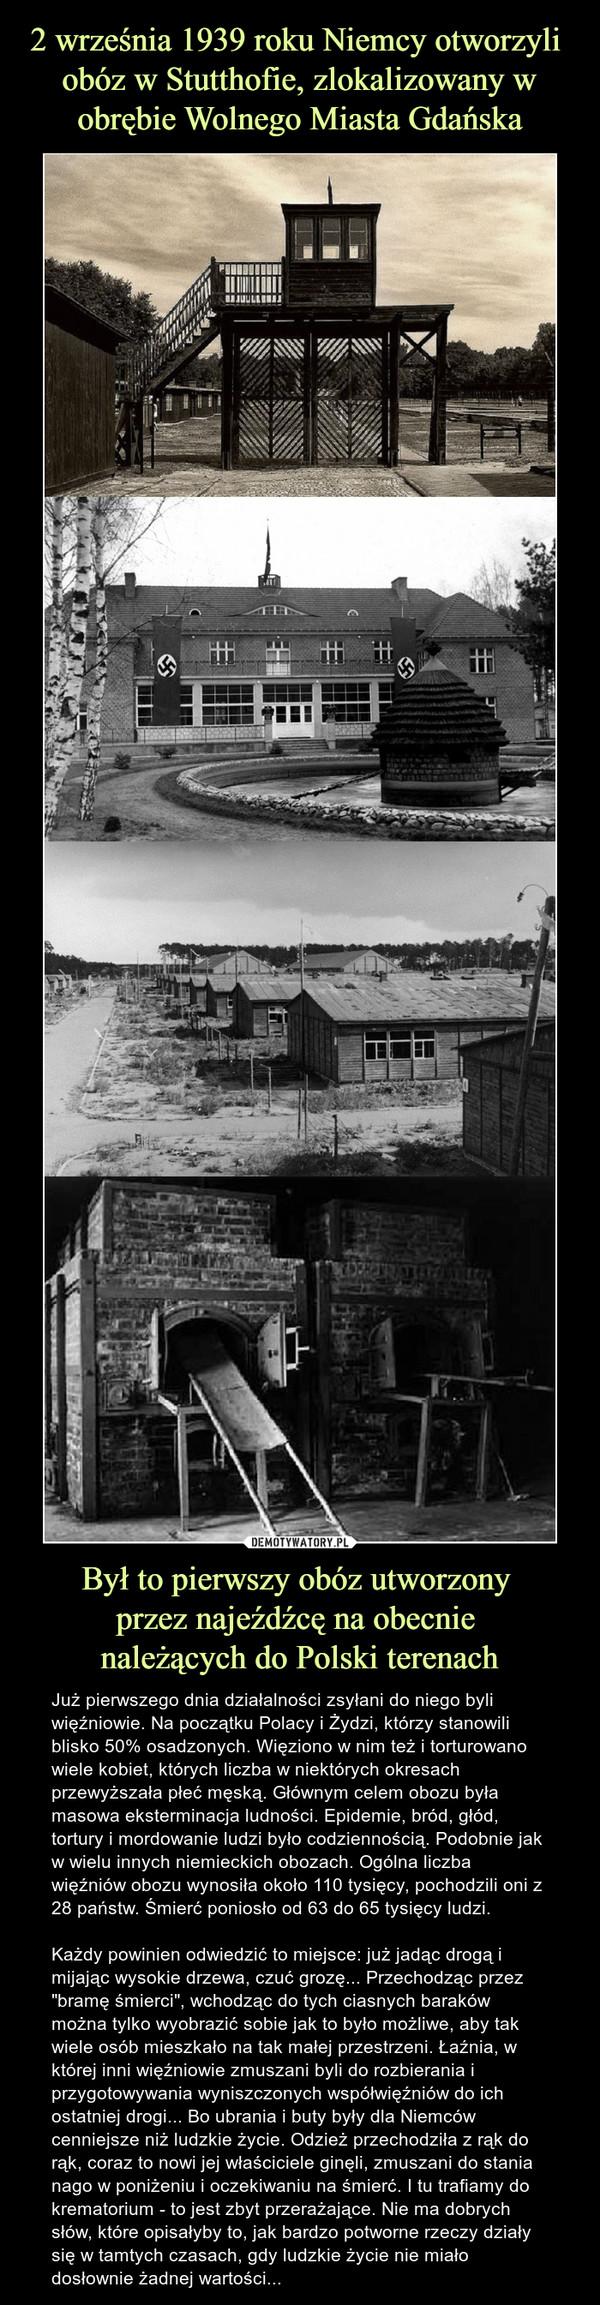 """Był to pierwszy obóz utworzony przez najeźdźcę na obecnie należących do Polski terenach – Już pierwszego dnia działalności zsyłani do niego byli więźniowie. Na początku Polacy i Żydzi, którzy stanowili blisko 50% osadzonych. Więziono w nim też i torturowano wiele kobiet, których liczba w niektórych okresach przewyższała płeć męską. Głównym celem obozu była masowa eksterminacja ludności. Epidemie, bród, głód, tortury i mordowanie ludzi było codziennością. Podobnie jak w wielu innych niemieckich obozach. Ogólna liczba więźniów obozu wynosiła około 110 tysięcy, pochodzili oni z 28 państw. Śmierć poniosło od 63 do 65 tysięcy ludzi.Każdy powinien odwiedzić to miejsce: już jadąc drogą i mijając wysokie drzewa, czuć grozę... Przechodząc przez """"bramę śmierci"""", wchodząc do tych ciasnych baraków można tylko wyobrazić sobie jak to było możliwe, aby tak wiele osób mieszkało na tak małej przestrzeni. Łaźnia, w której inni więźniowie zmuszani byli do rozbierania i przygotowywania wyniszczonych współwięźniów do ich ostatniej drogi... Bo ubrania i buty były dla Niemców cenniejsze niż ludzkie życie. Odzież przechodziła z rąk do rąk, coraz to nowi jej właściciele ginęli, zmuszani do stania nago w poniżeniu i oczekiwaniu na śmierć. I tu trafiamy do krematorium - to jest zbyt przerażające. Nie ma dobrych słów, które opisałyby to, jak bardzo potworne rzeczy działy się w tamtych czasach, gdy ludzkie życie nie miało dosłownie żadnej wartości..."""